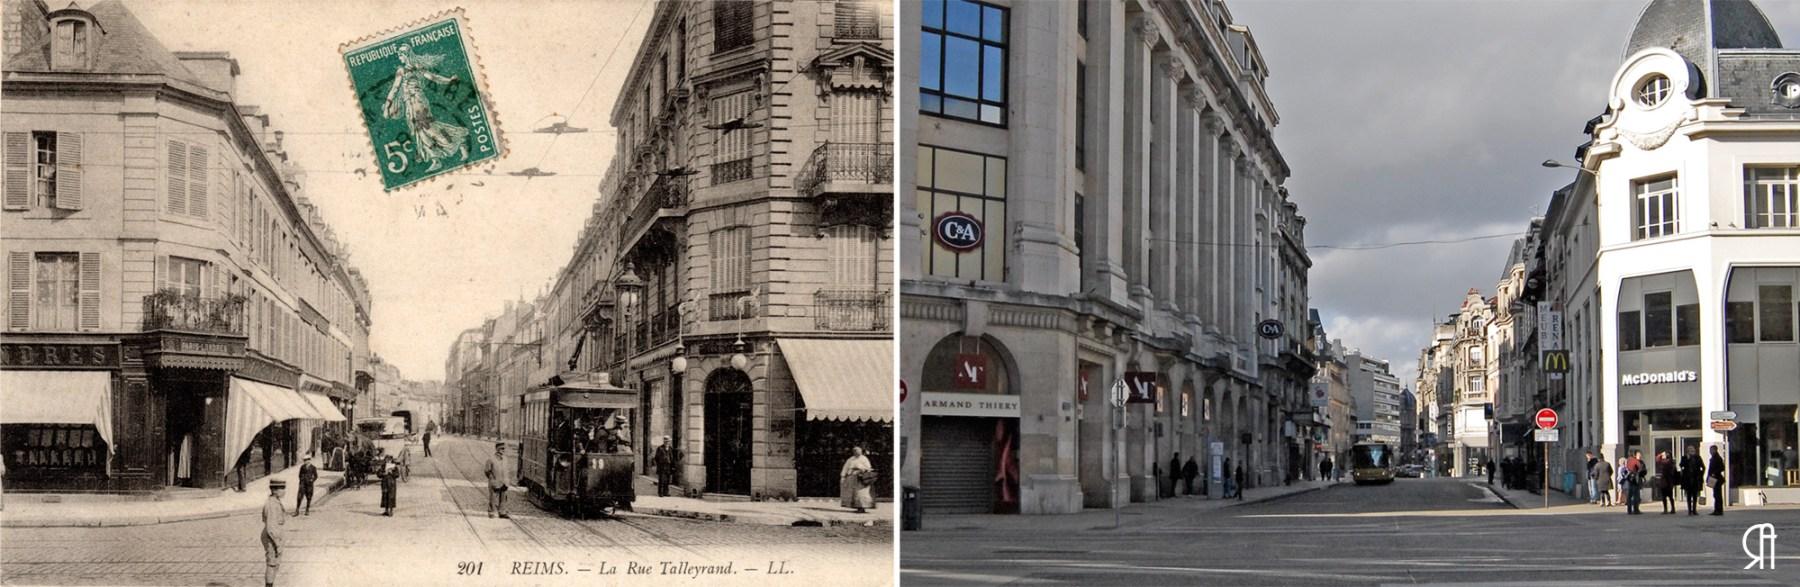 rue-de-talleyrand